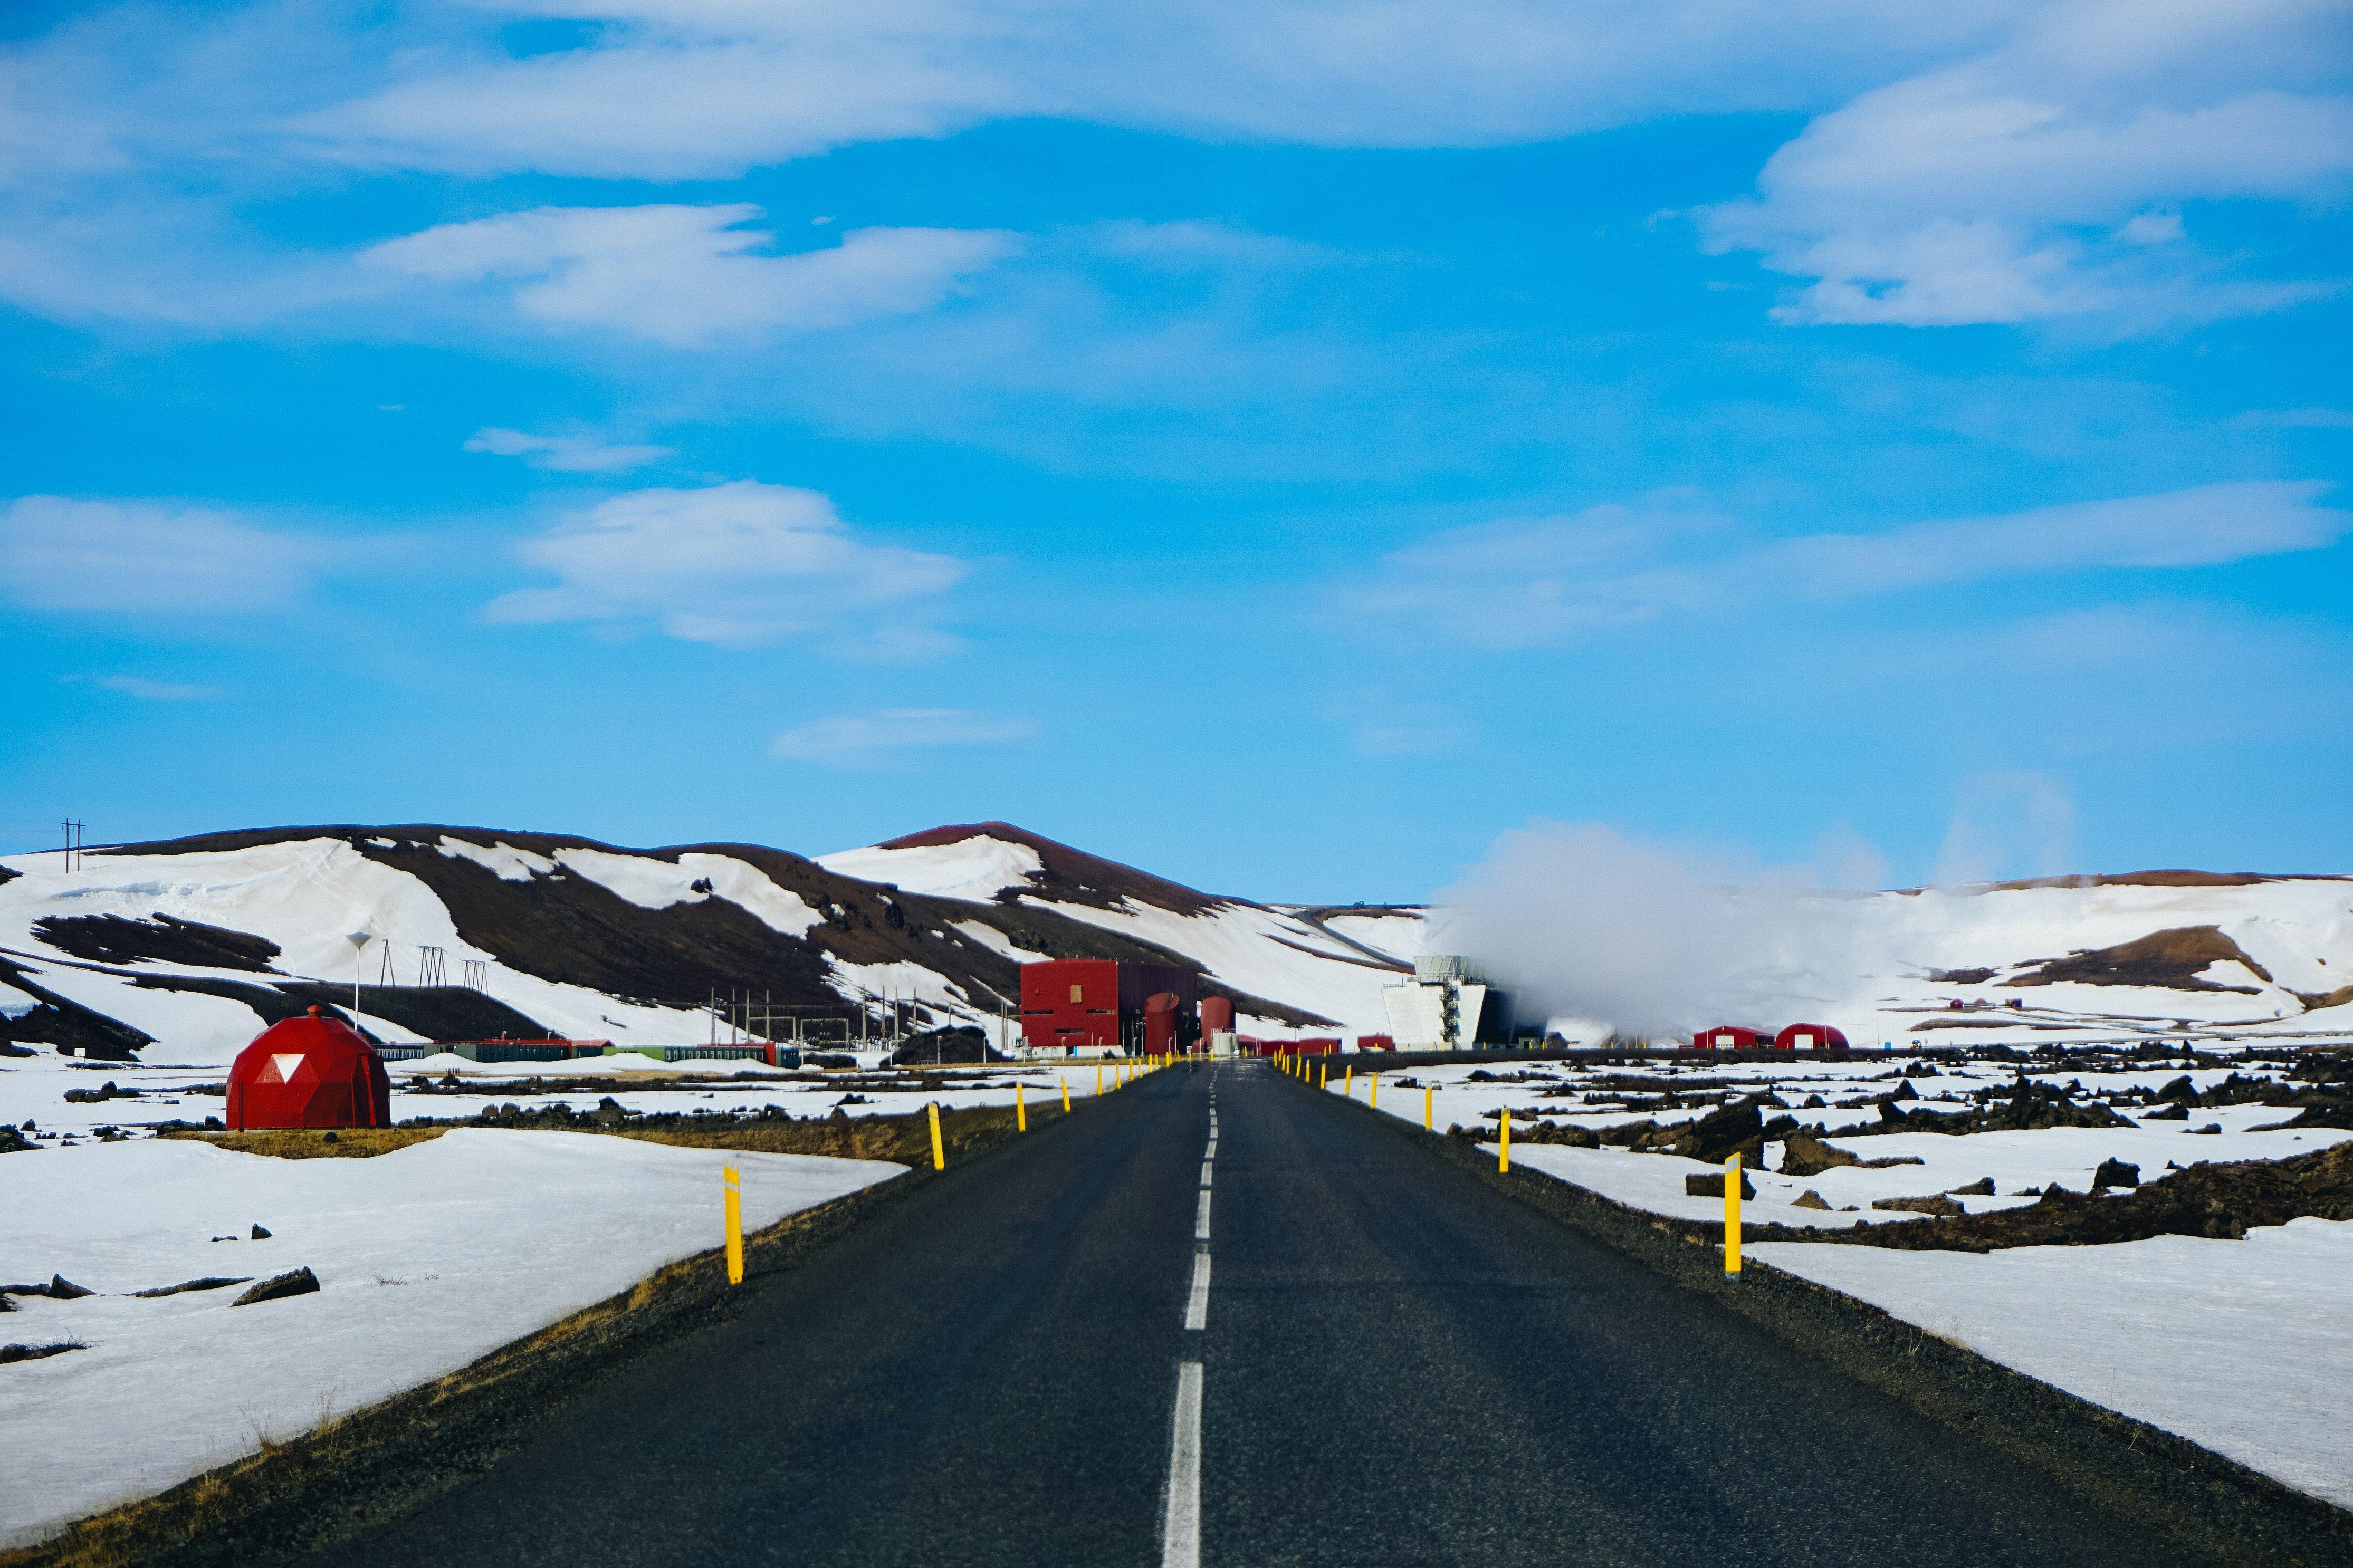 comment rester motive pour rouler en hiver